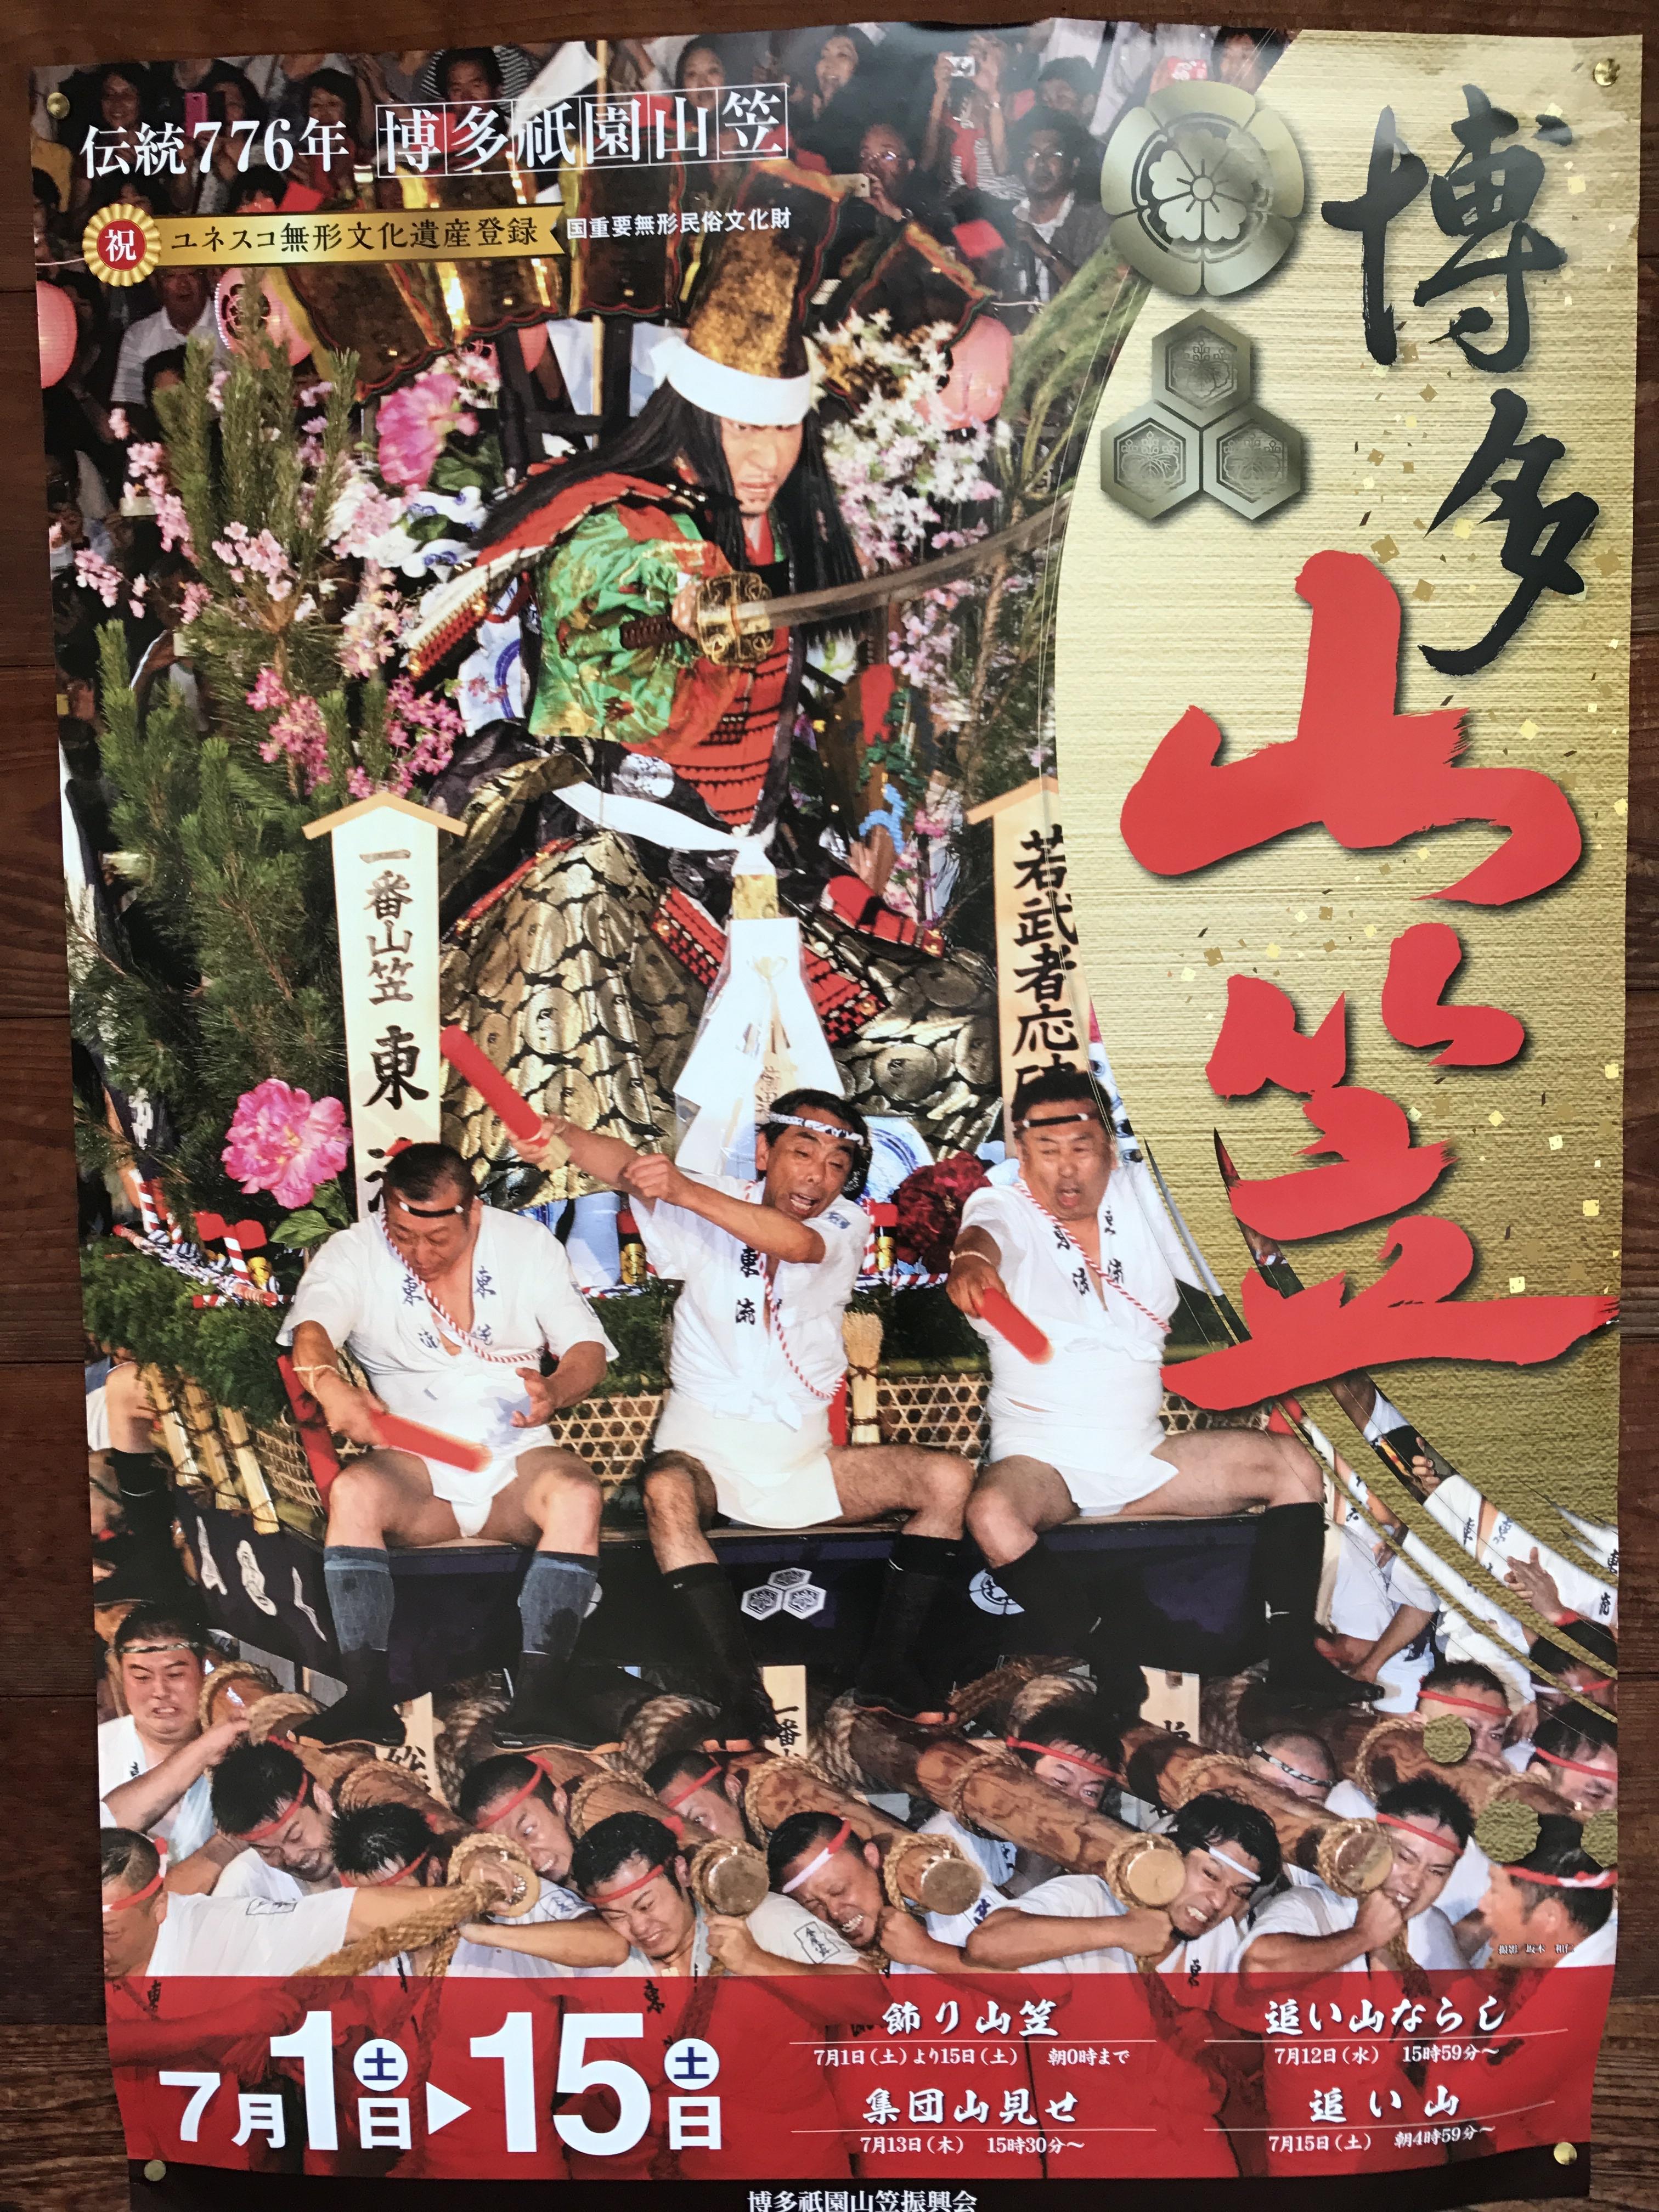 最新版「2017 博多祇園山笠に学ぶ企業組織論」